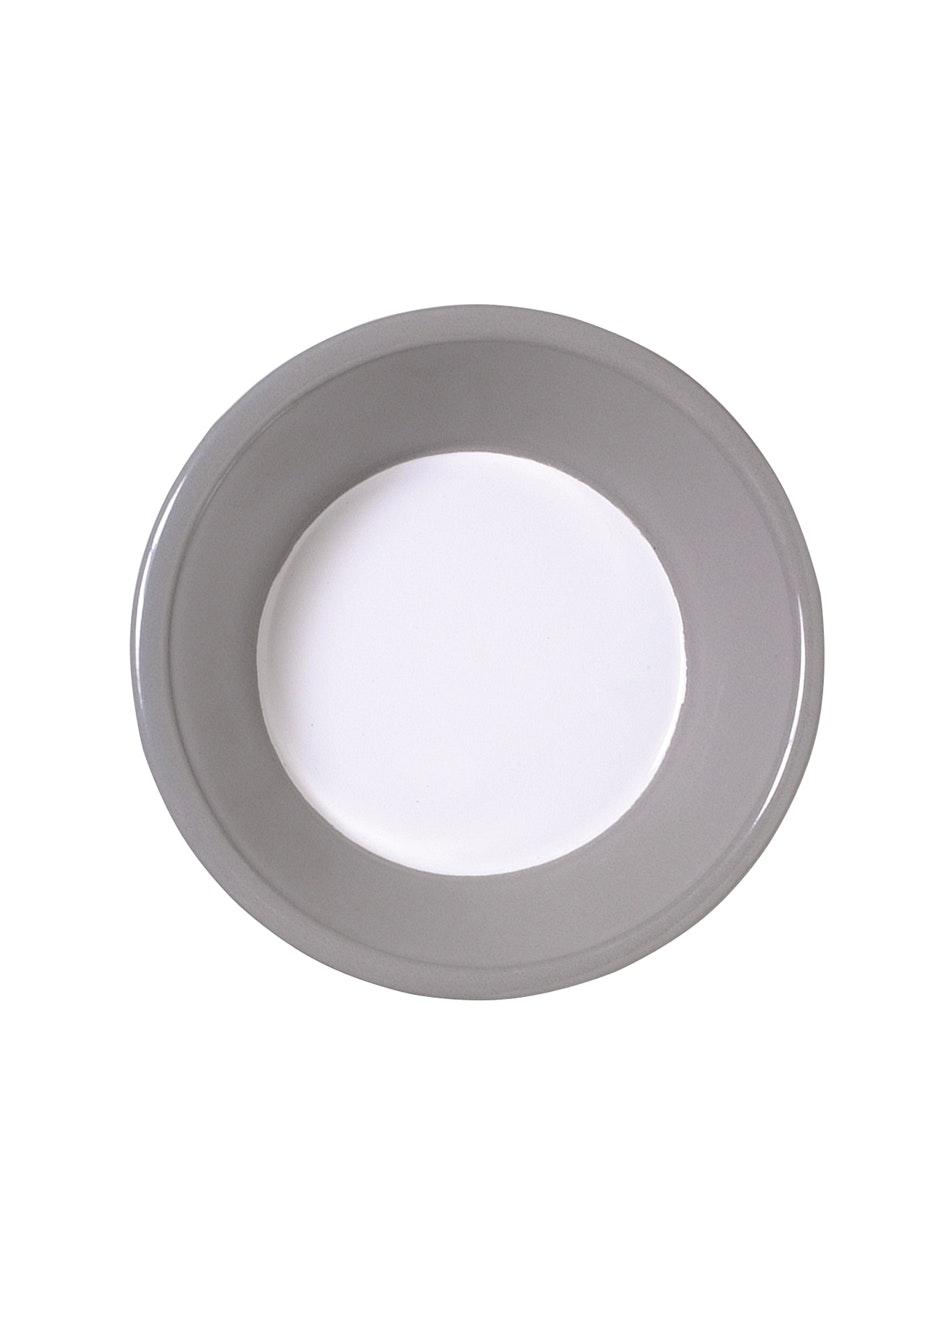 Città - Variopinte Enamel Cereal Bowl Pearl Grey  17.5cmdia